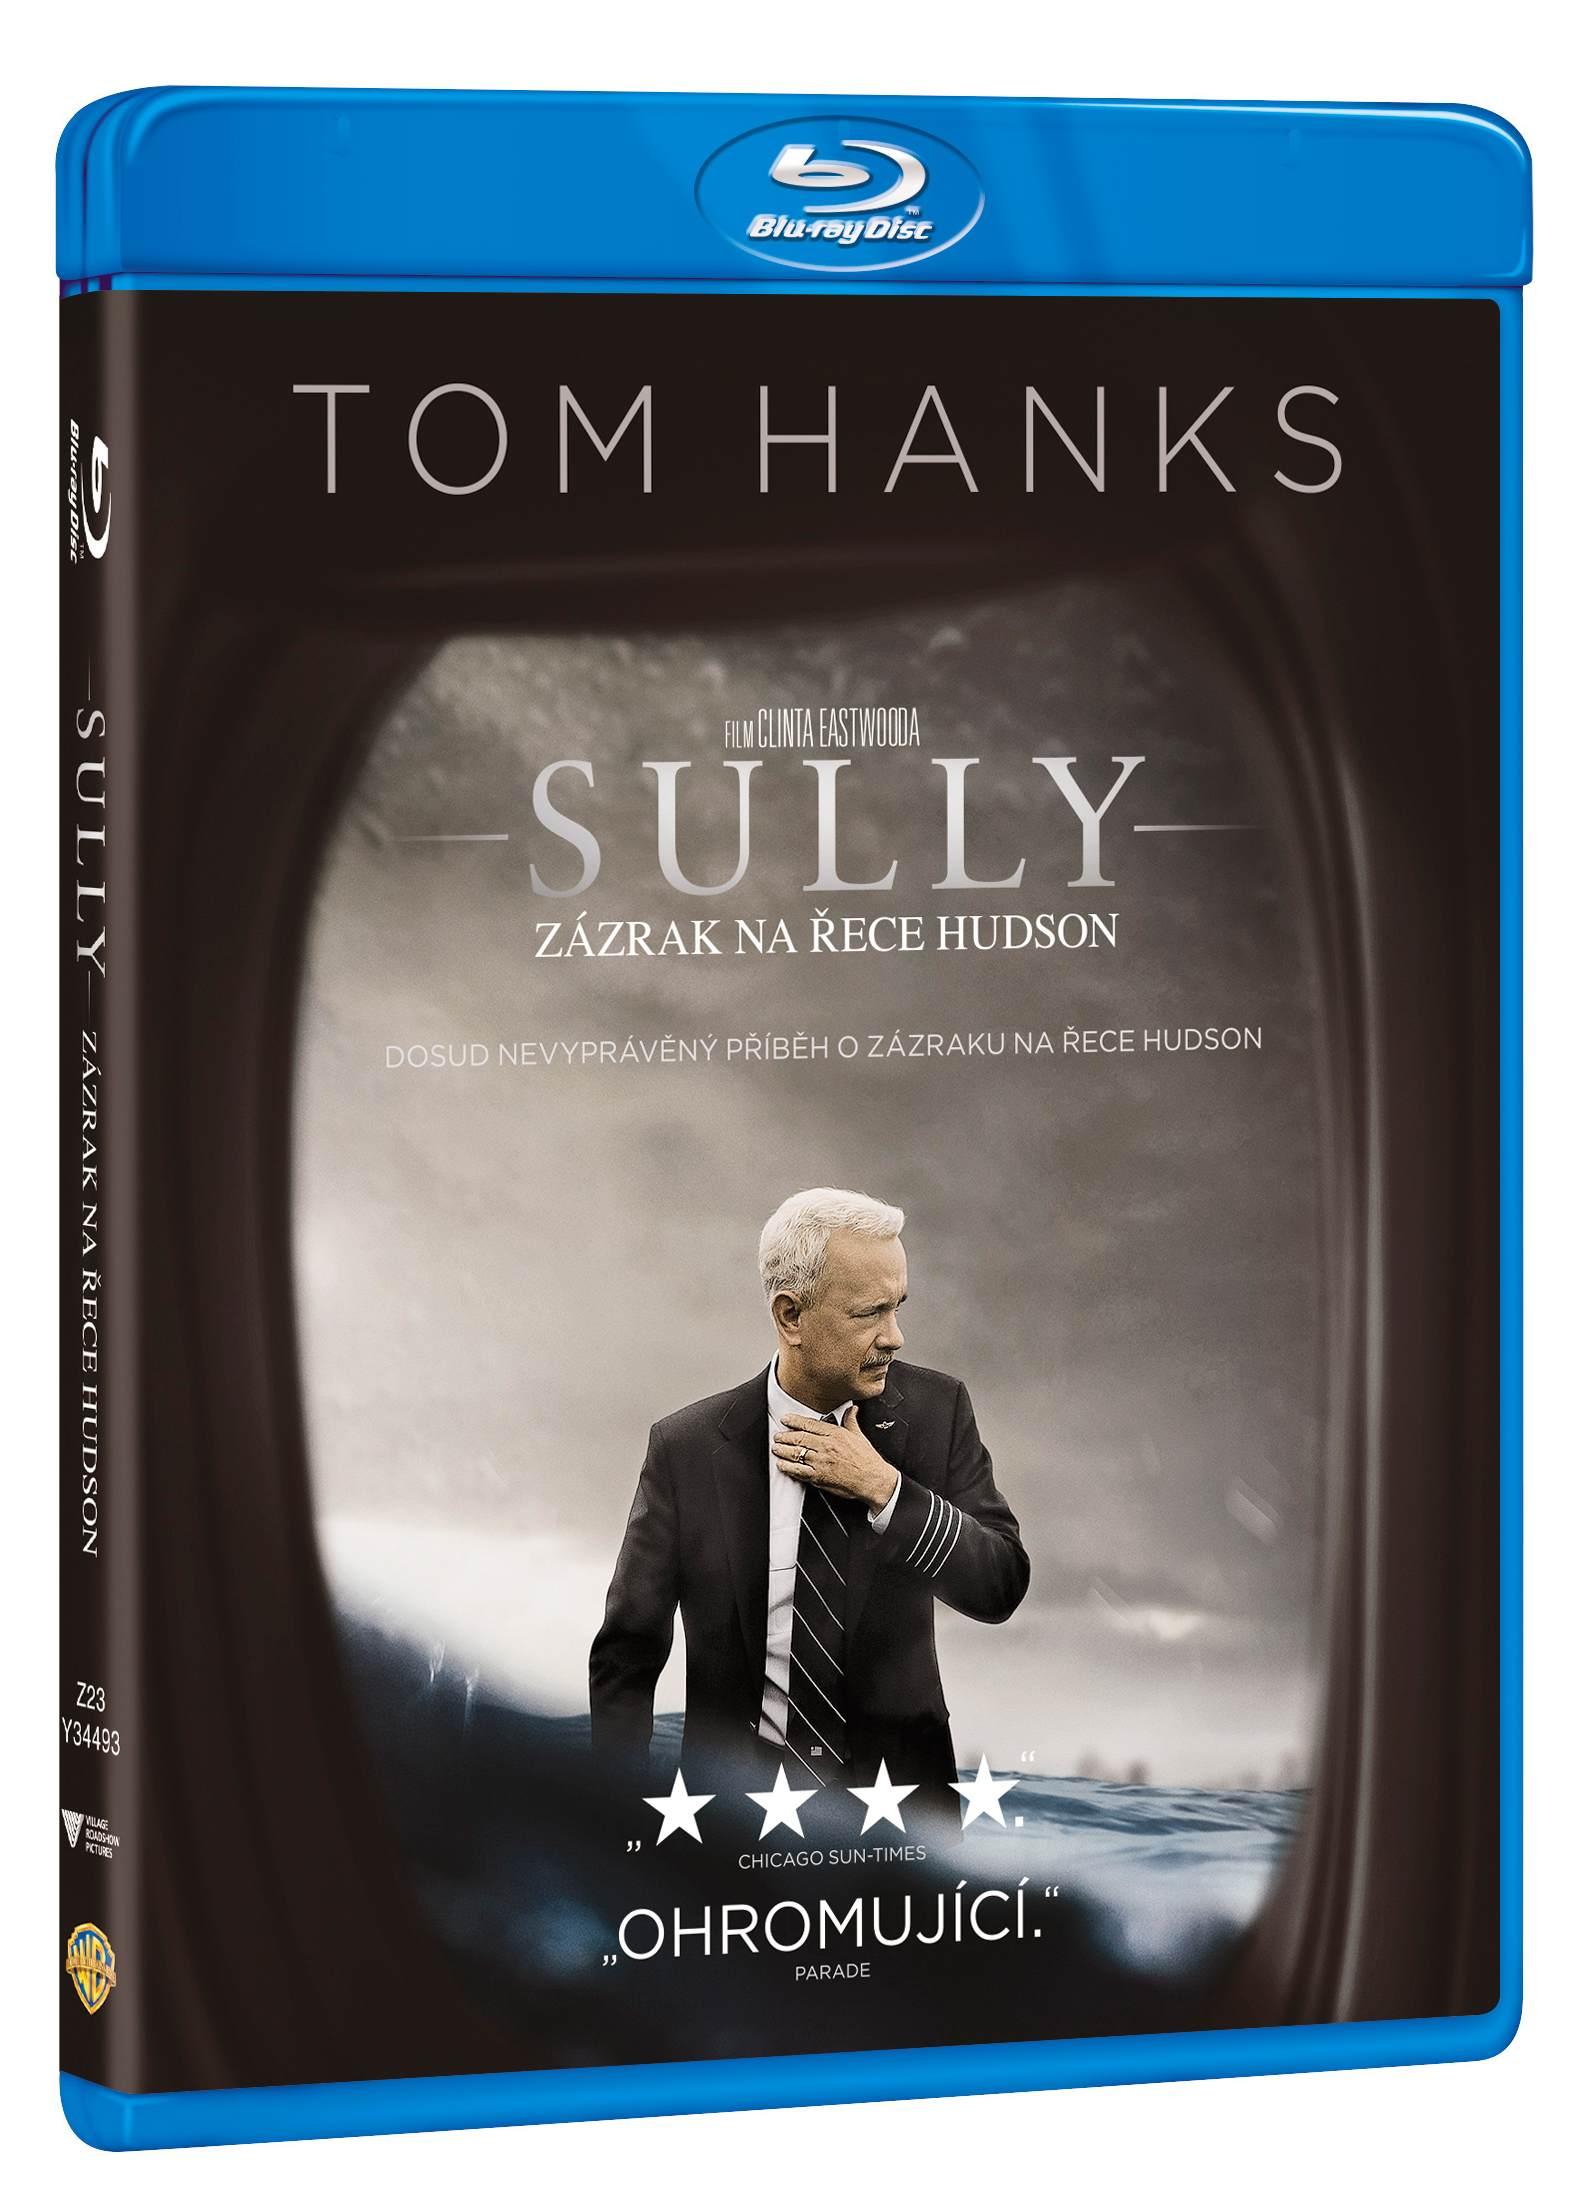 SULLY: ZÁZRAK NA ŘECE HUDSON - Blu-ray